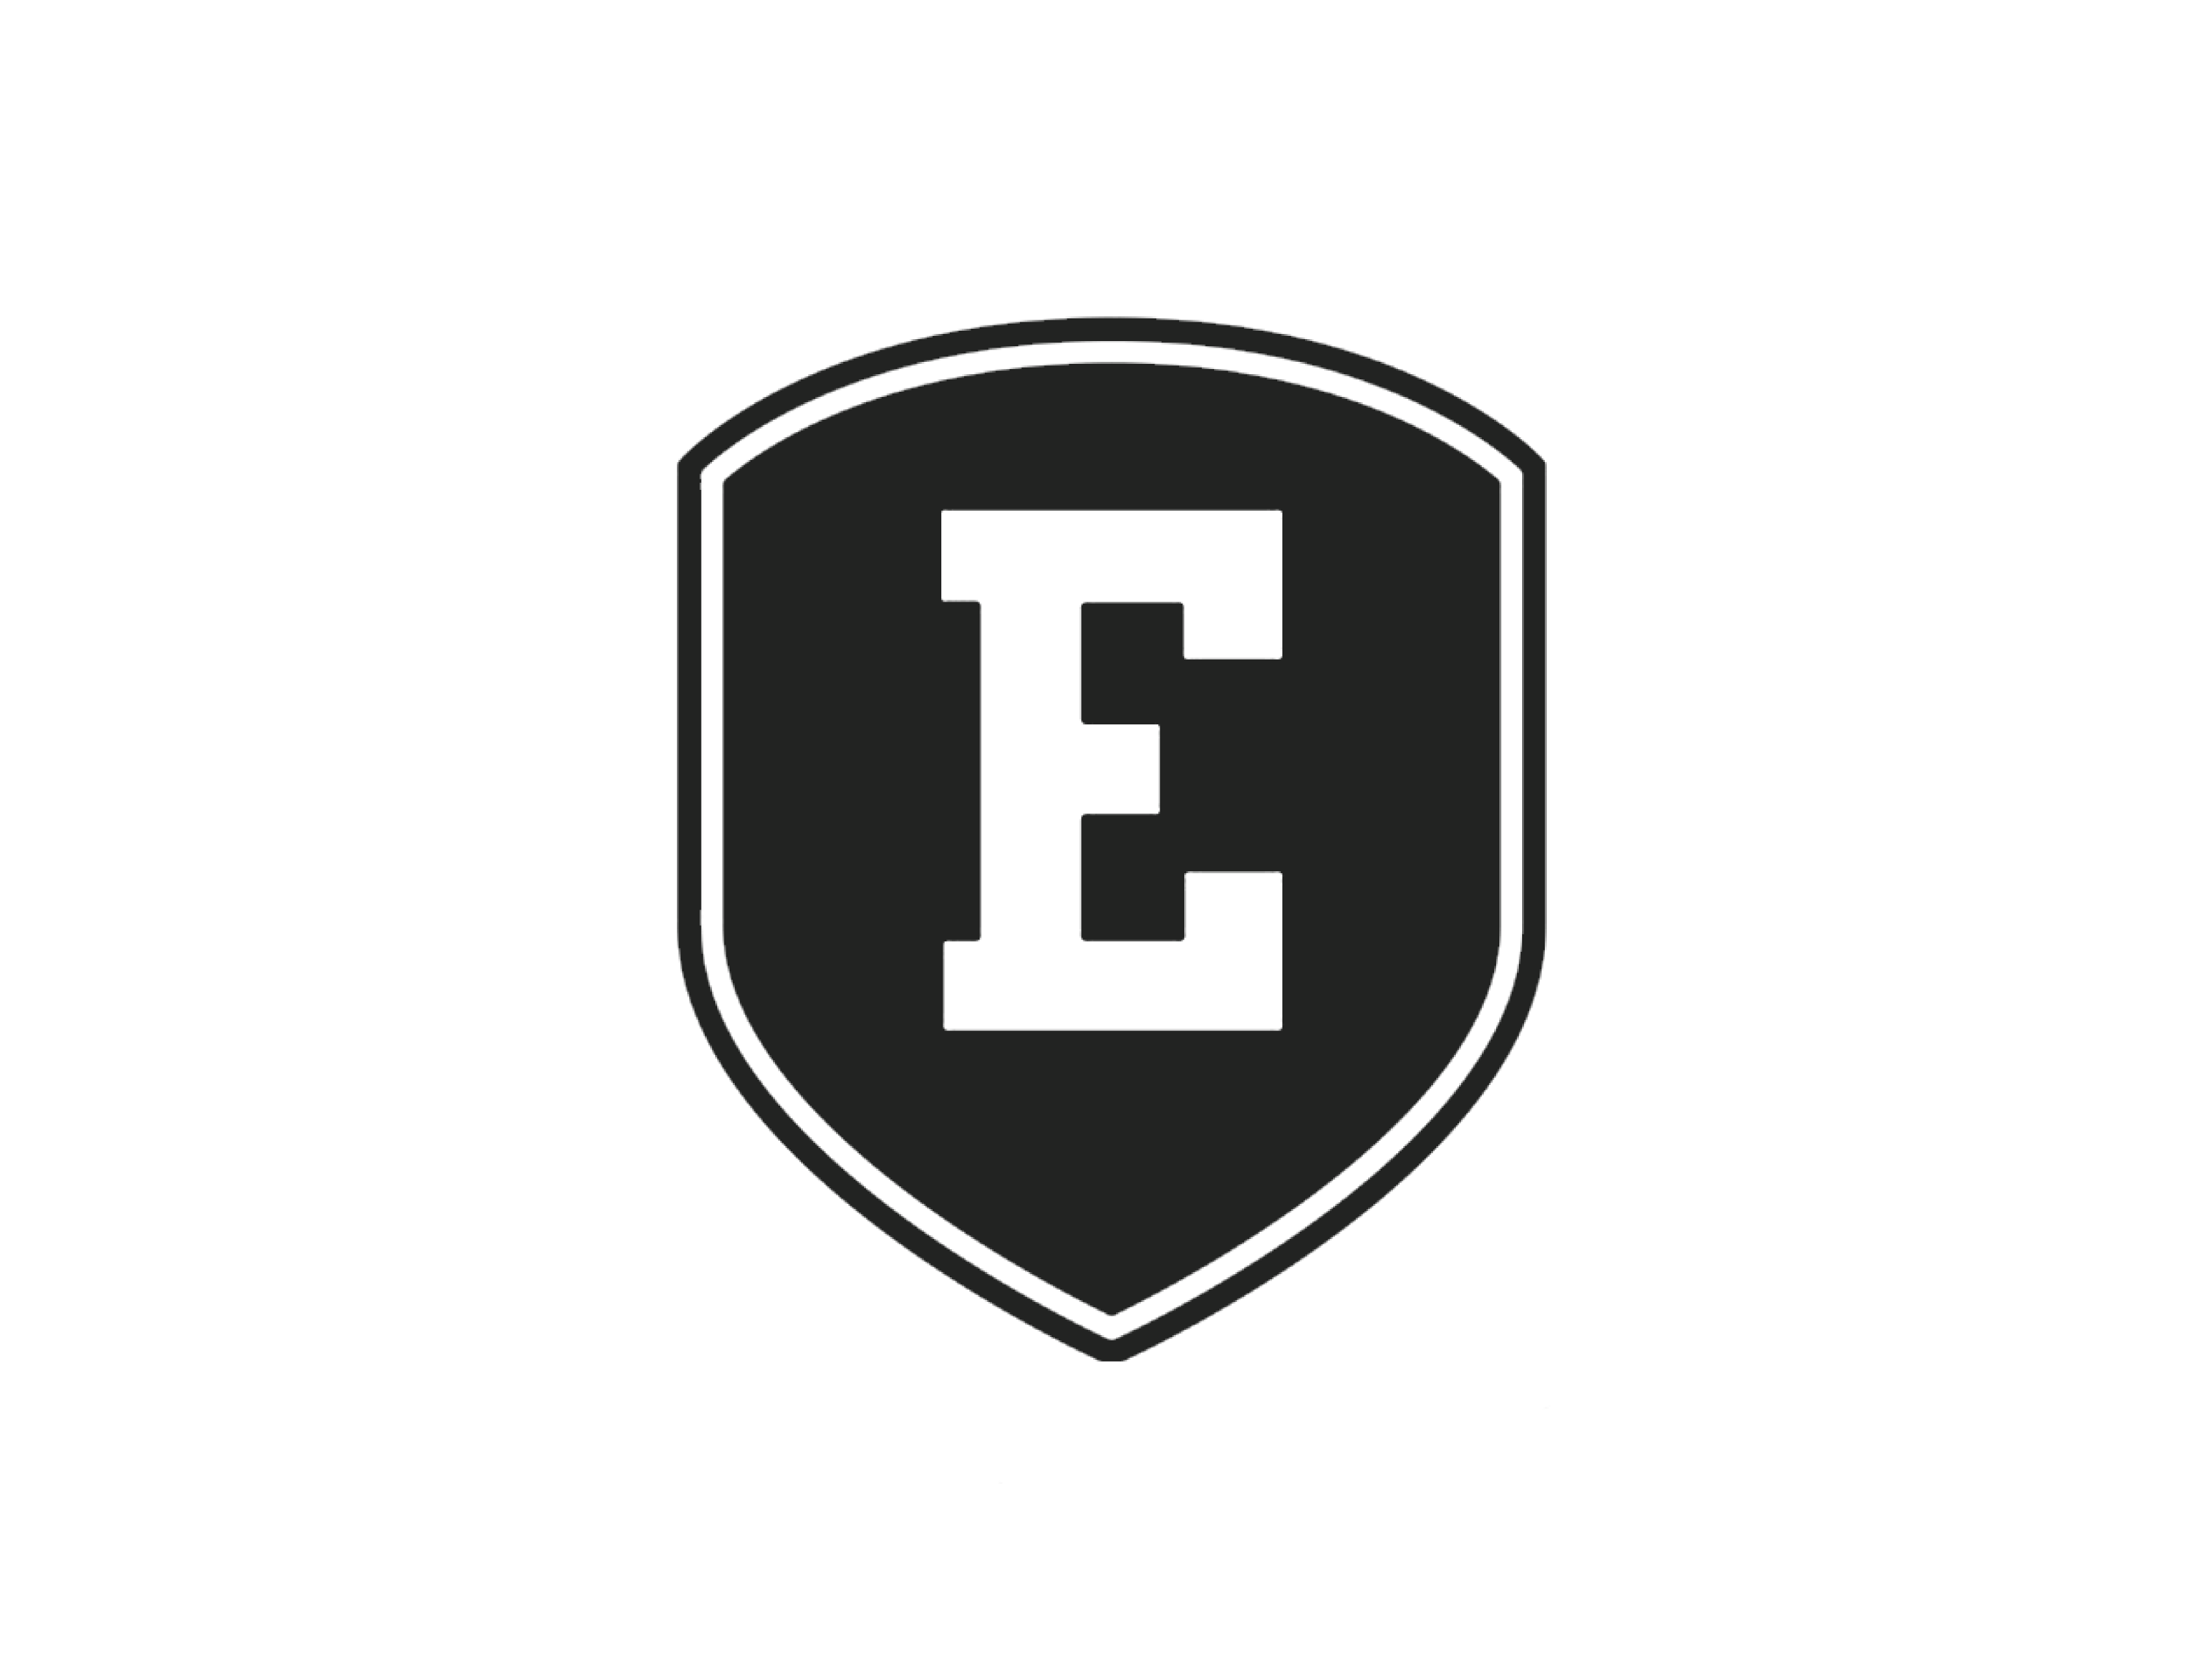 logo escape campus